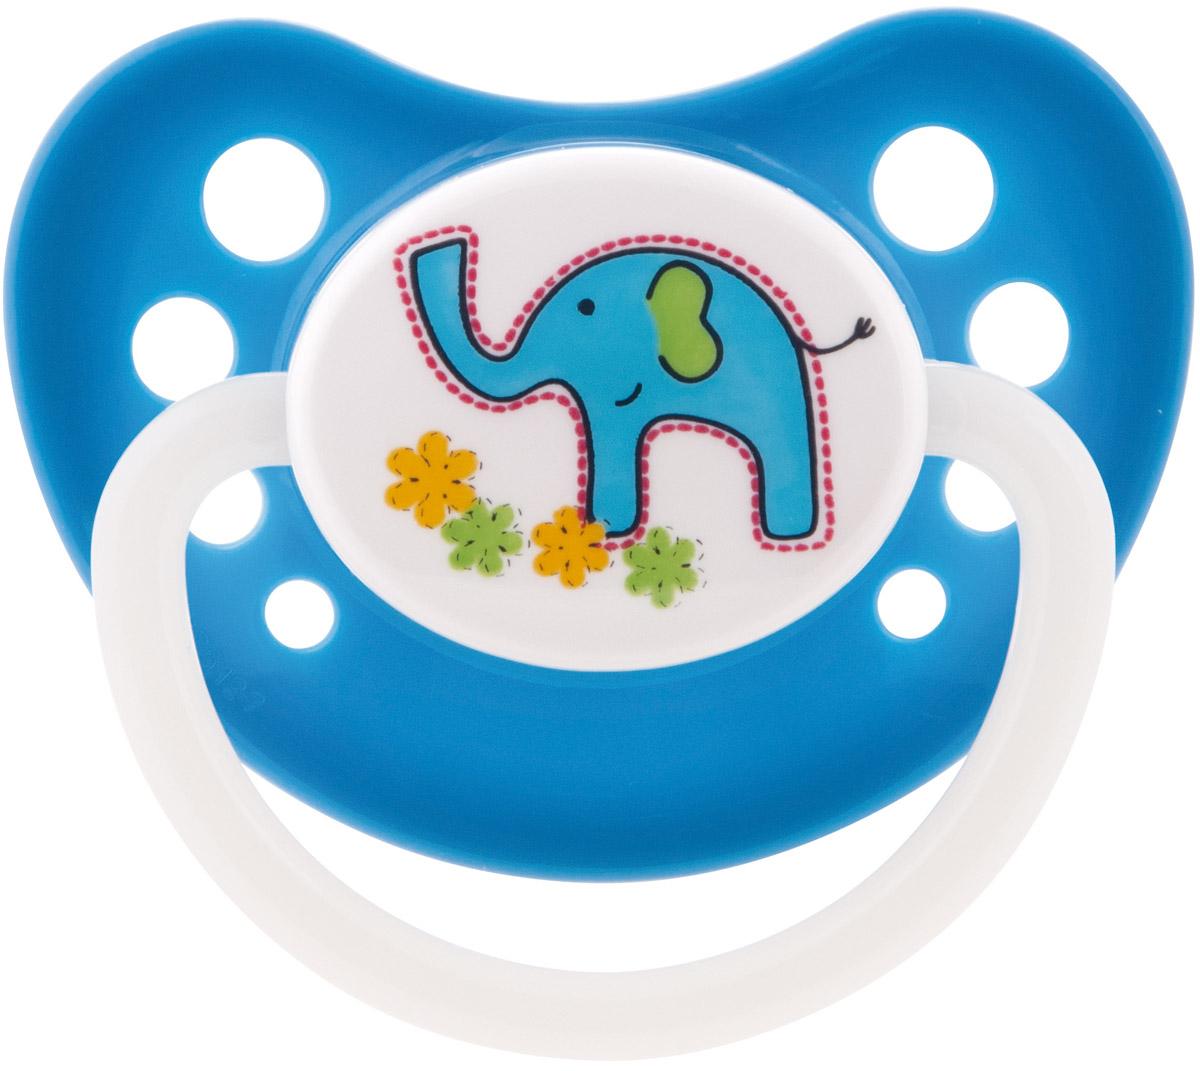 Canpol Babies Пустышка латексная ортодонтическая Zoo от 6 до 18 месяцев цвет синий